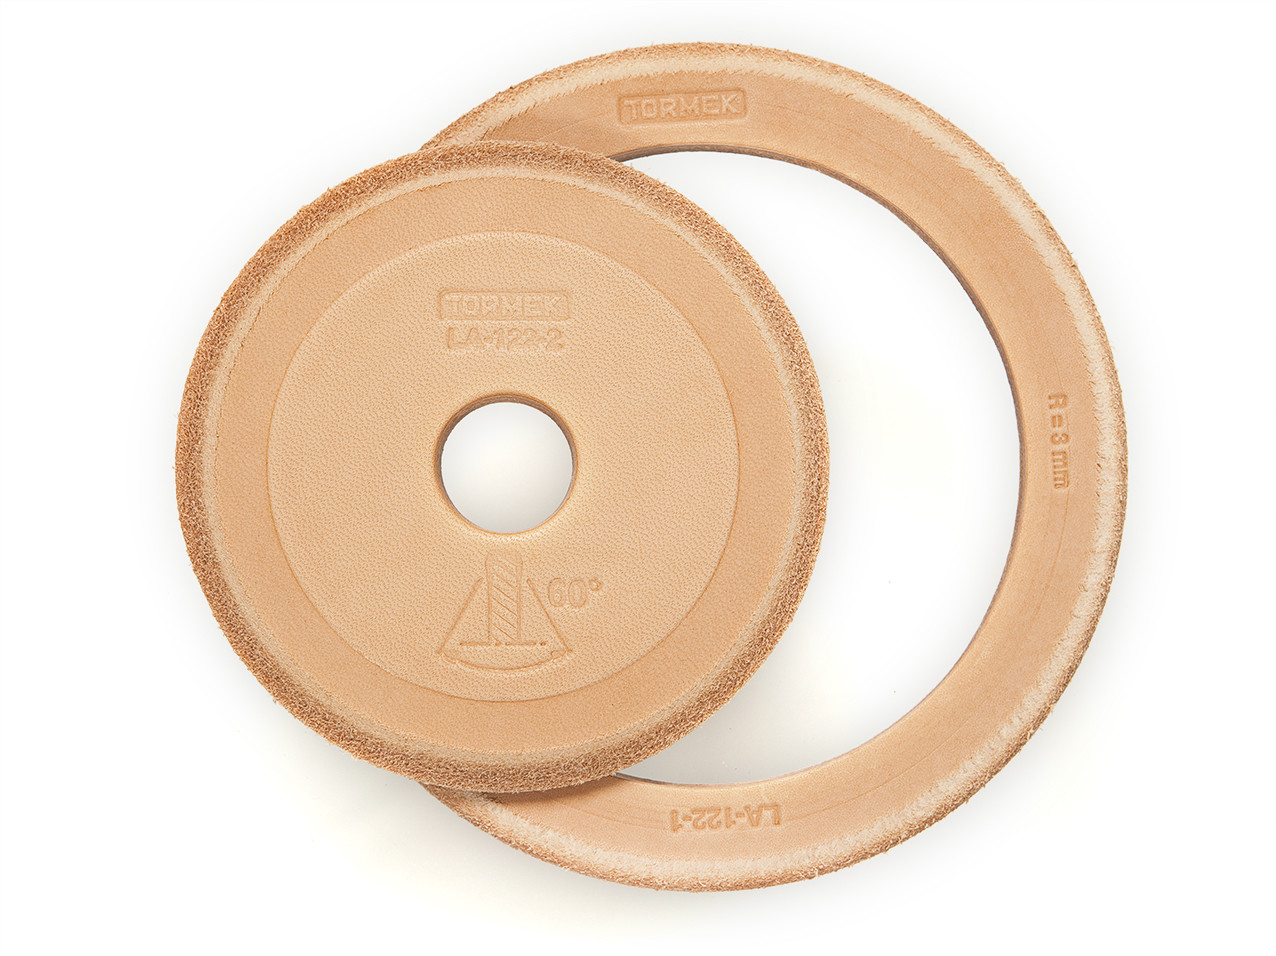 Set of Standard Exchange Disks